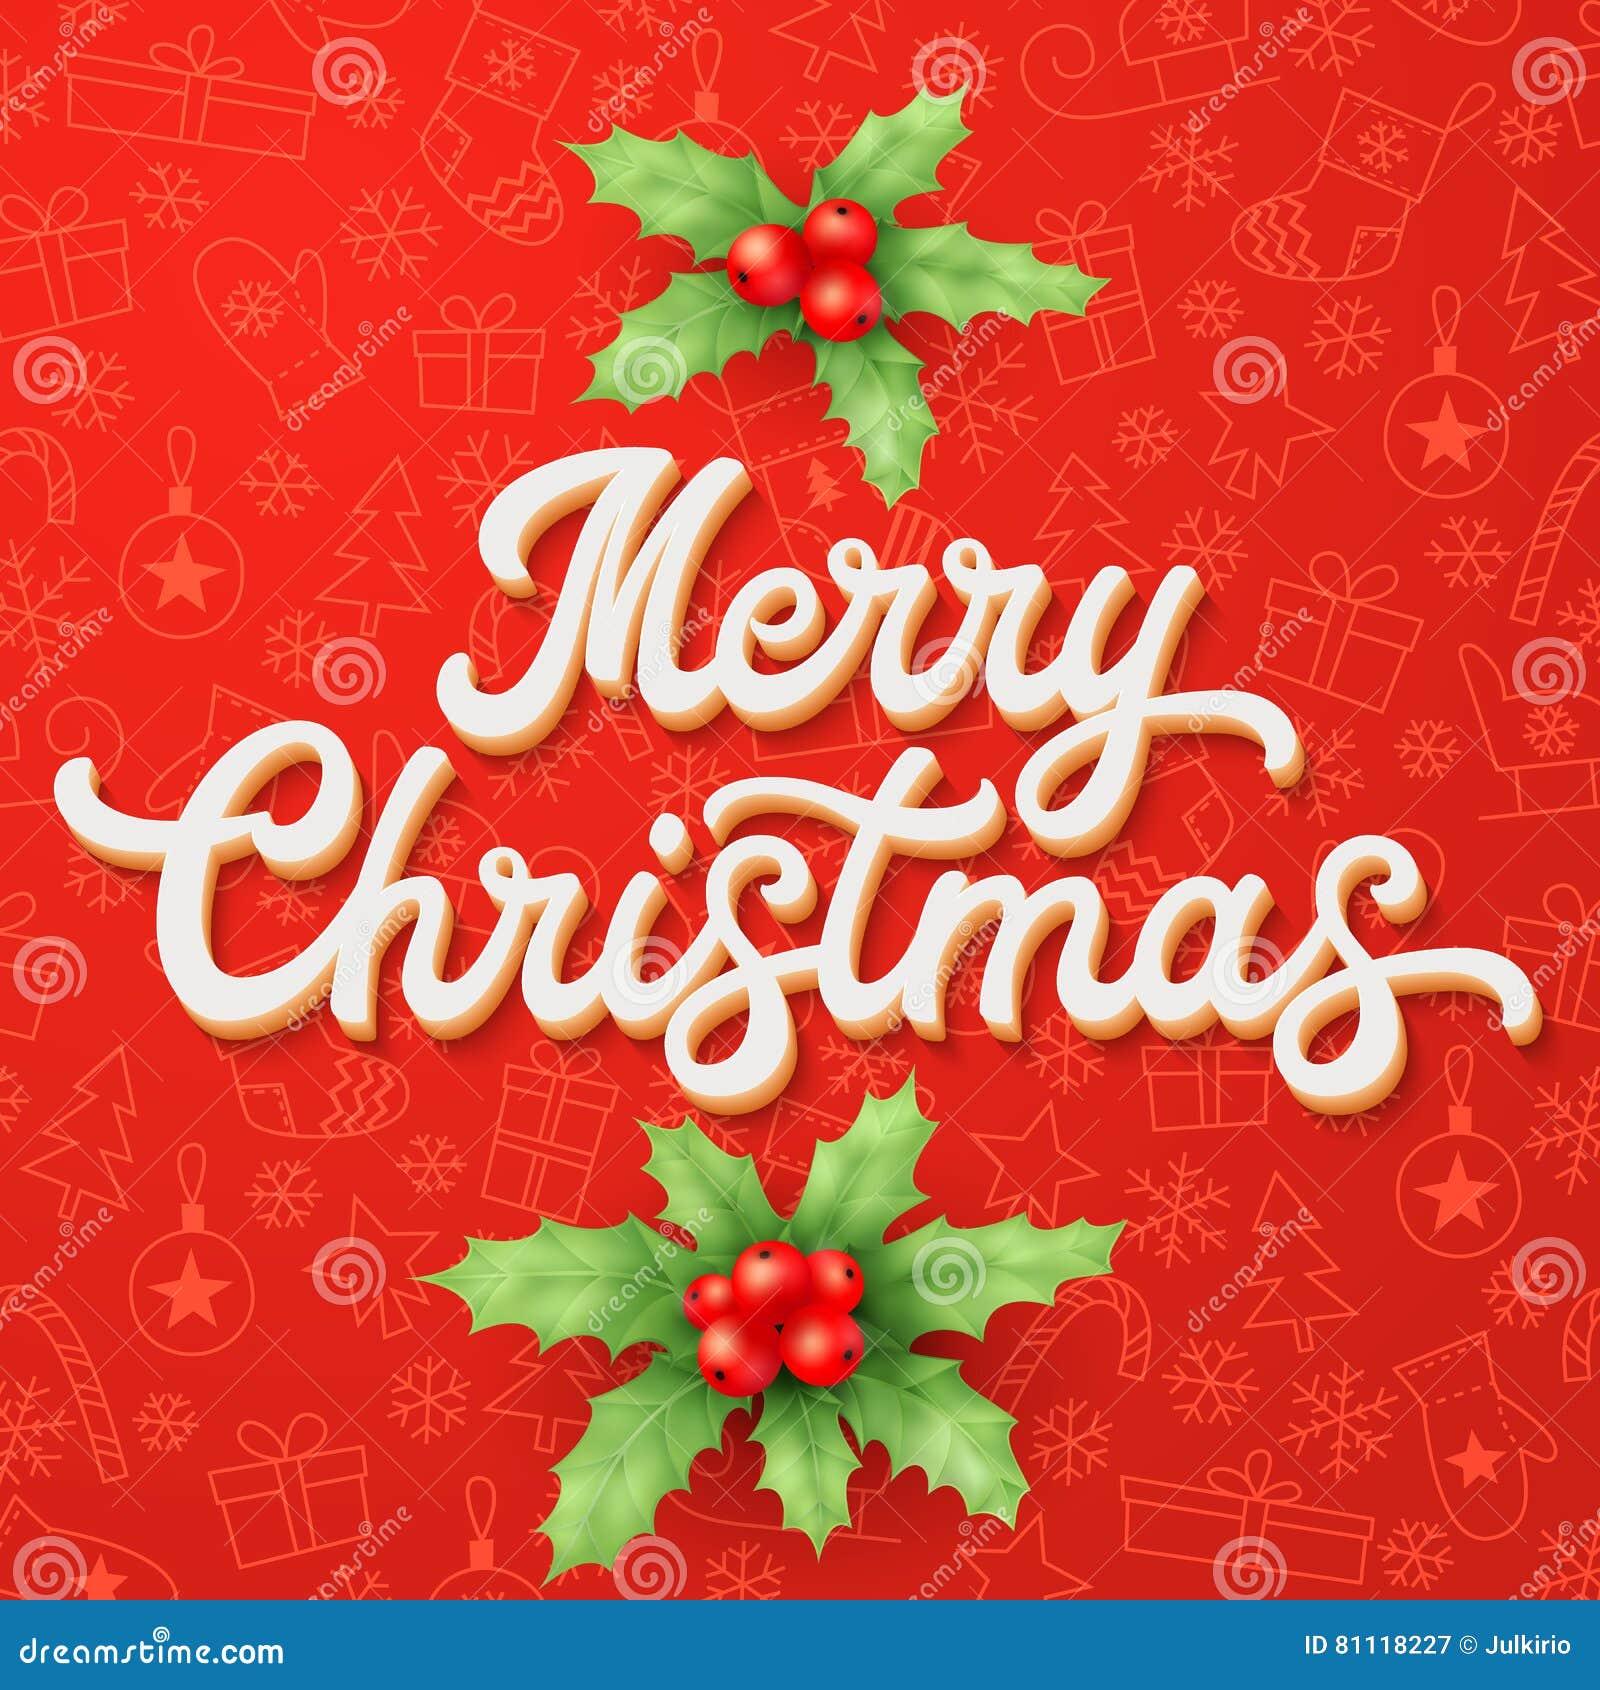 letras blancas de navidad d en fondo rojo de la navidad la decoracin para las tarjetas